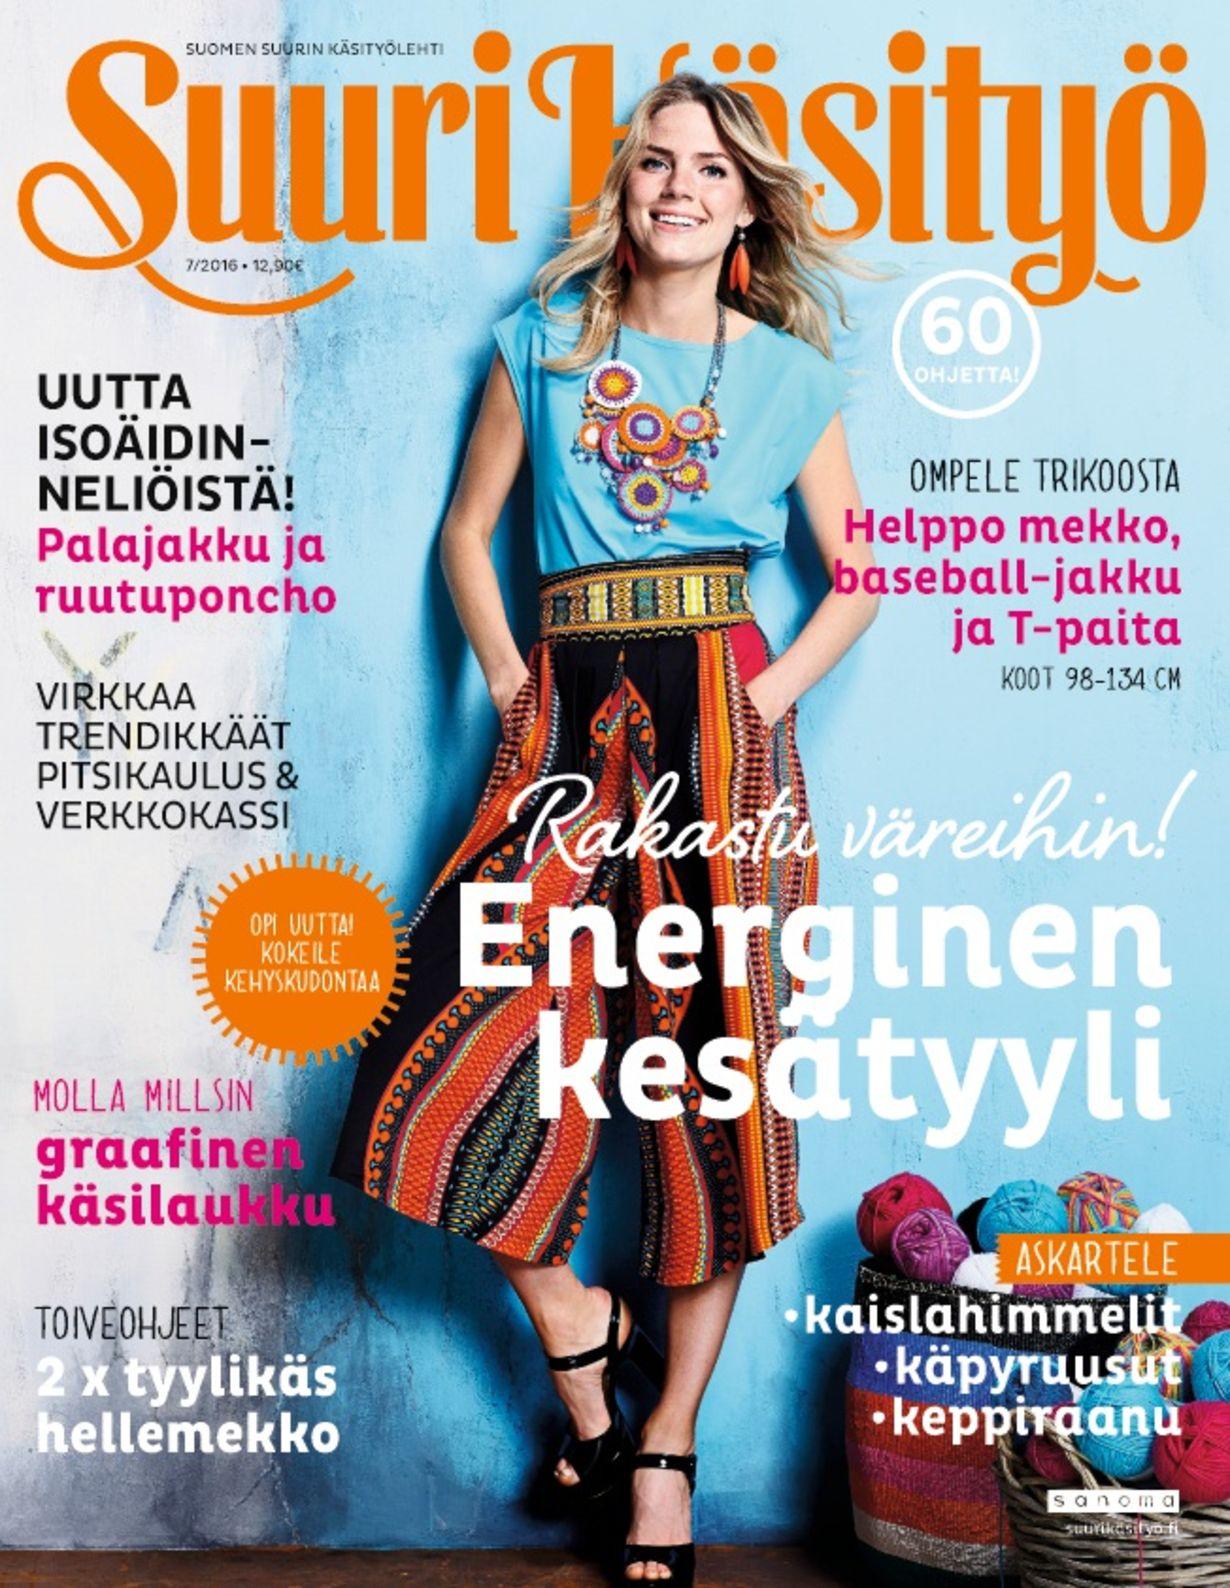 Suuri käsityö lehti 8/2020 *uusin* (48 ohjetta)